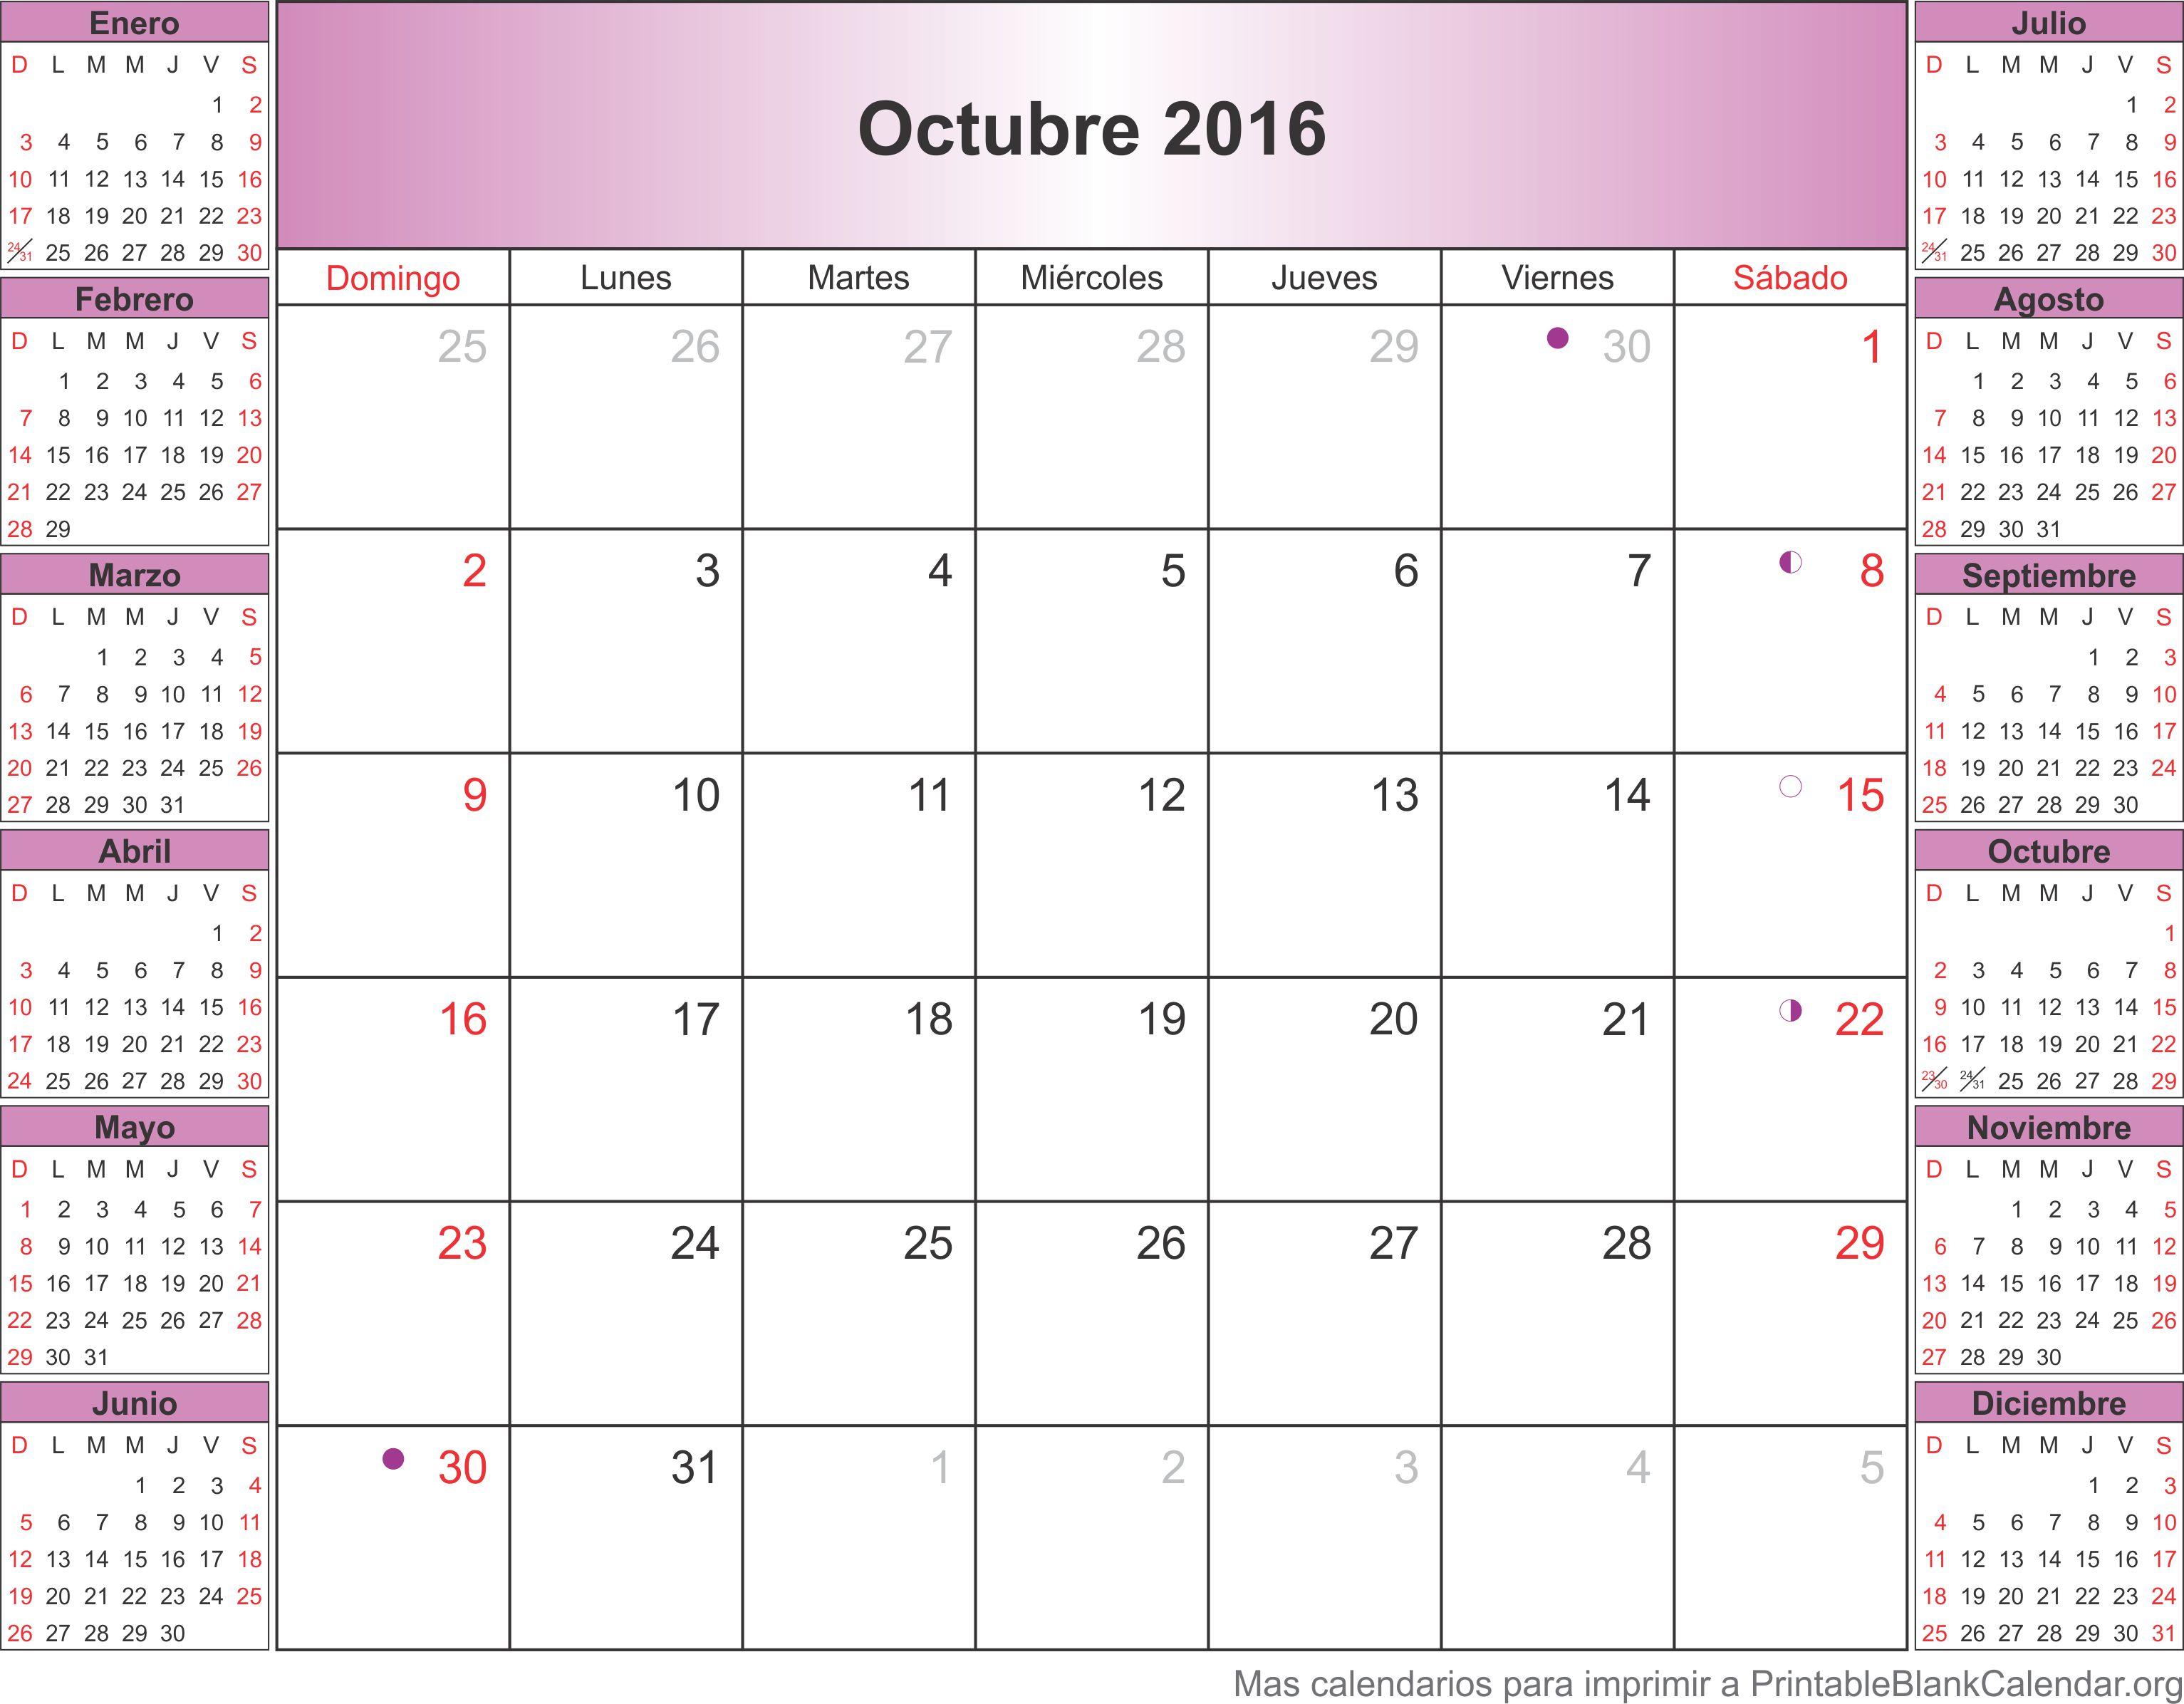 calendario para imprimir oct 2016